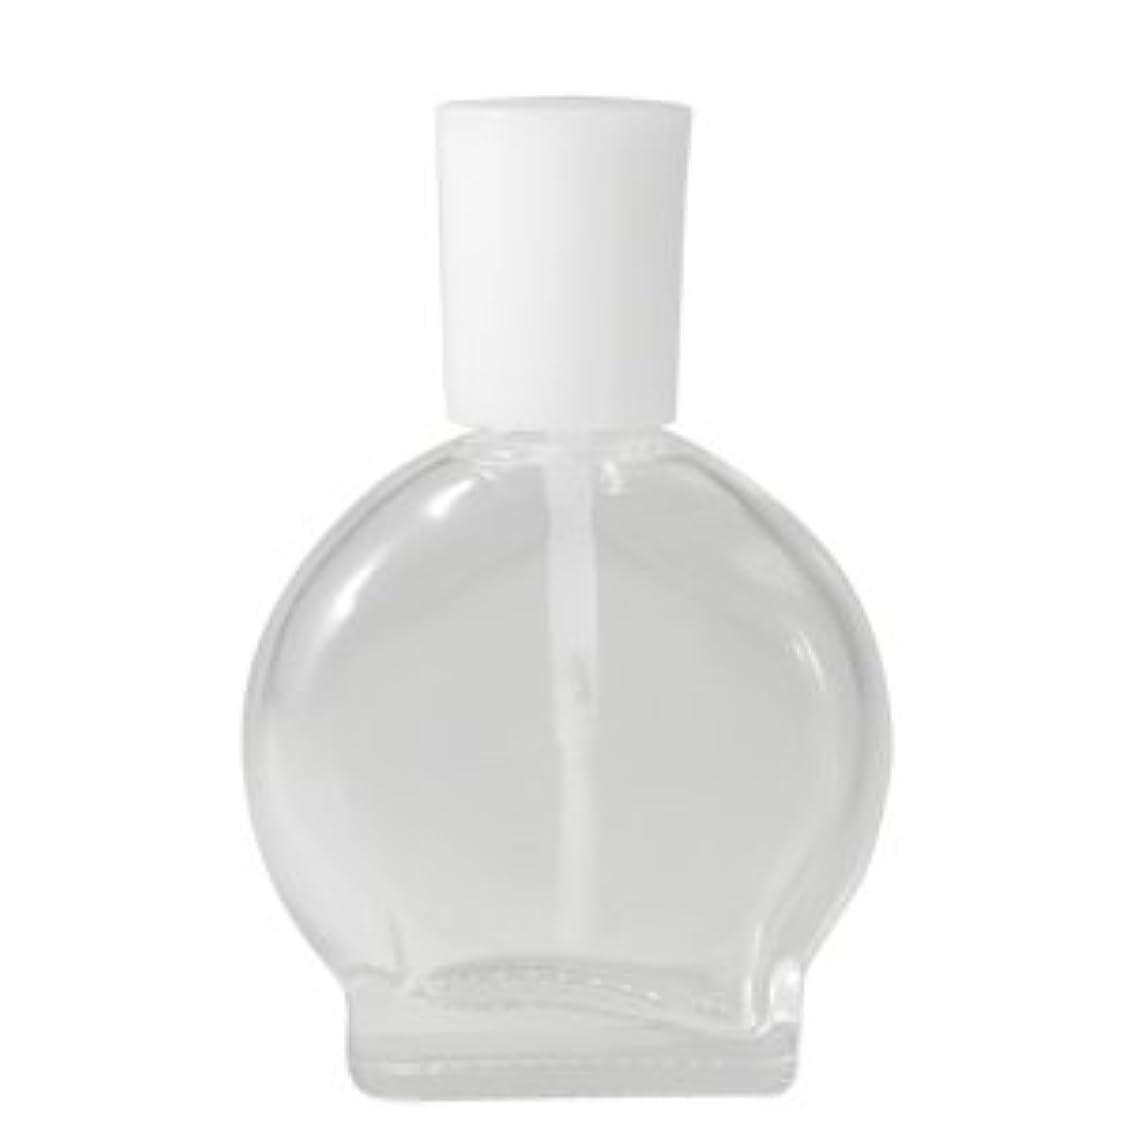 荒廃する歩行者現在エナメルボトル 16ml (マニキュア瓶) 【化粧品容器】